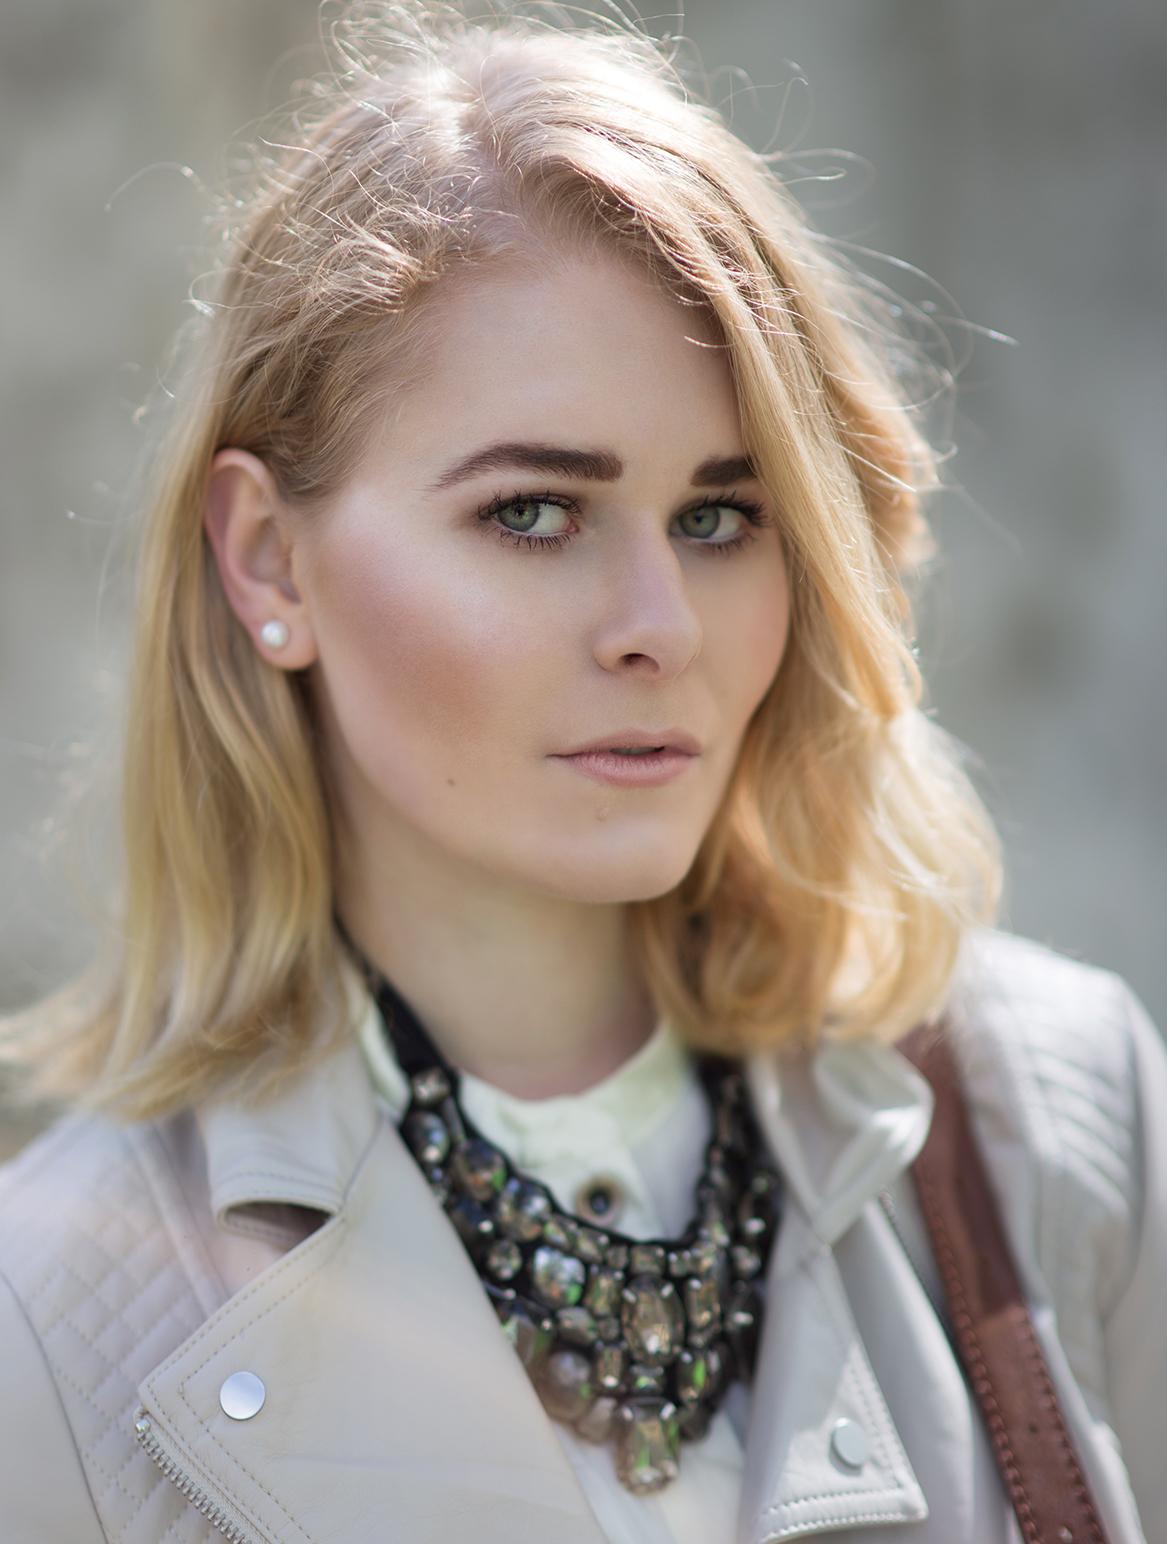 Christina Key trägt gerne Lederjacken